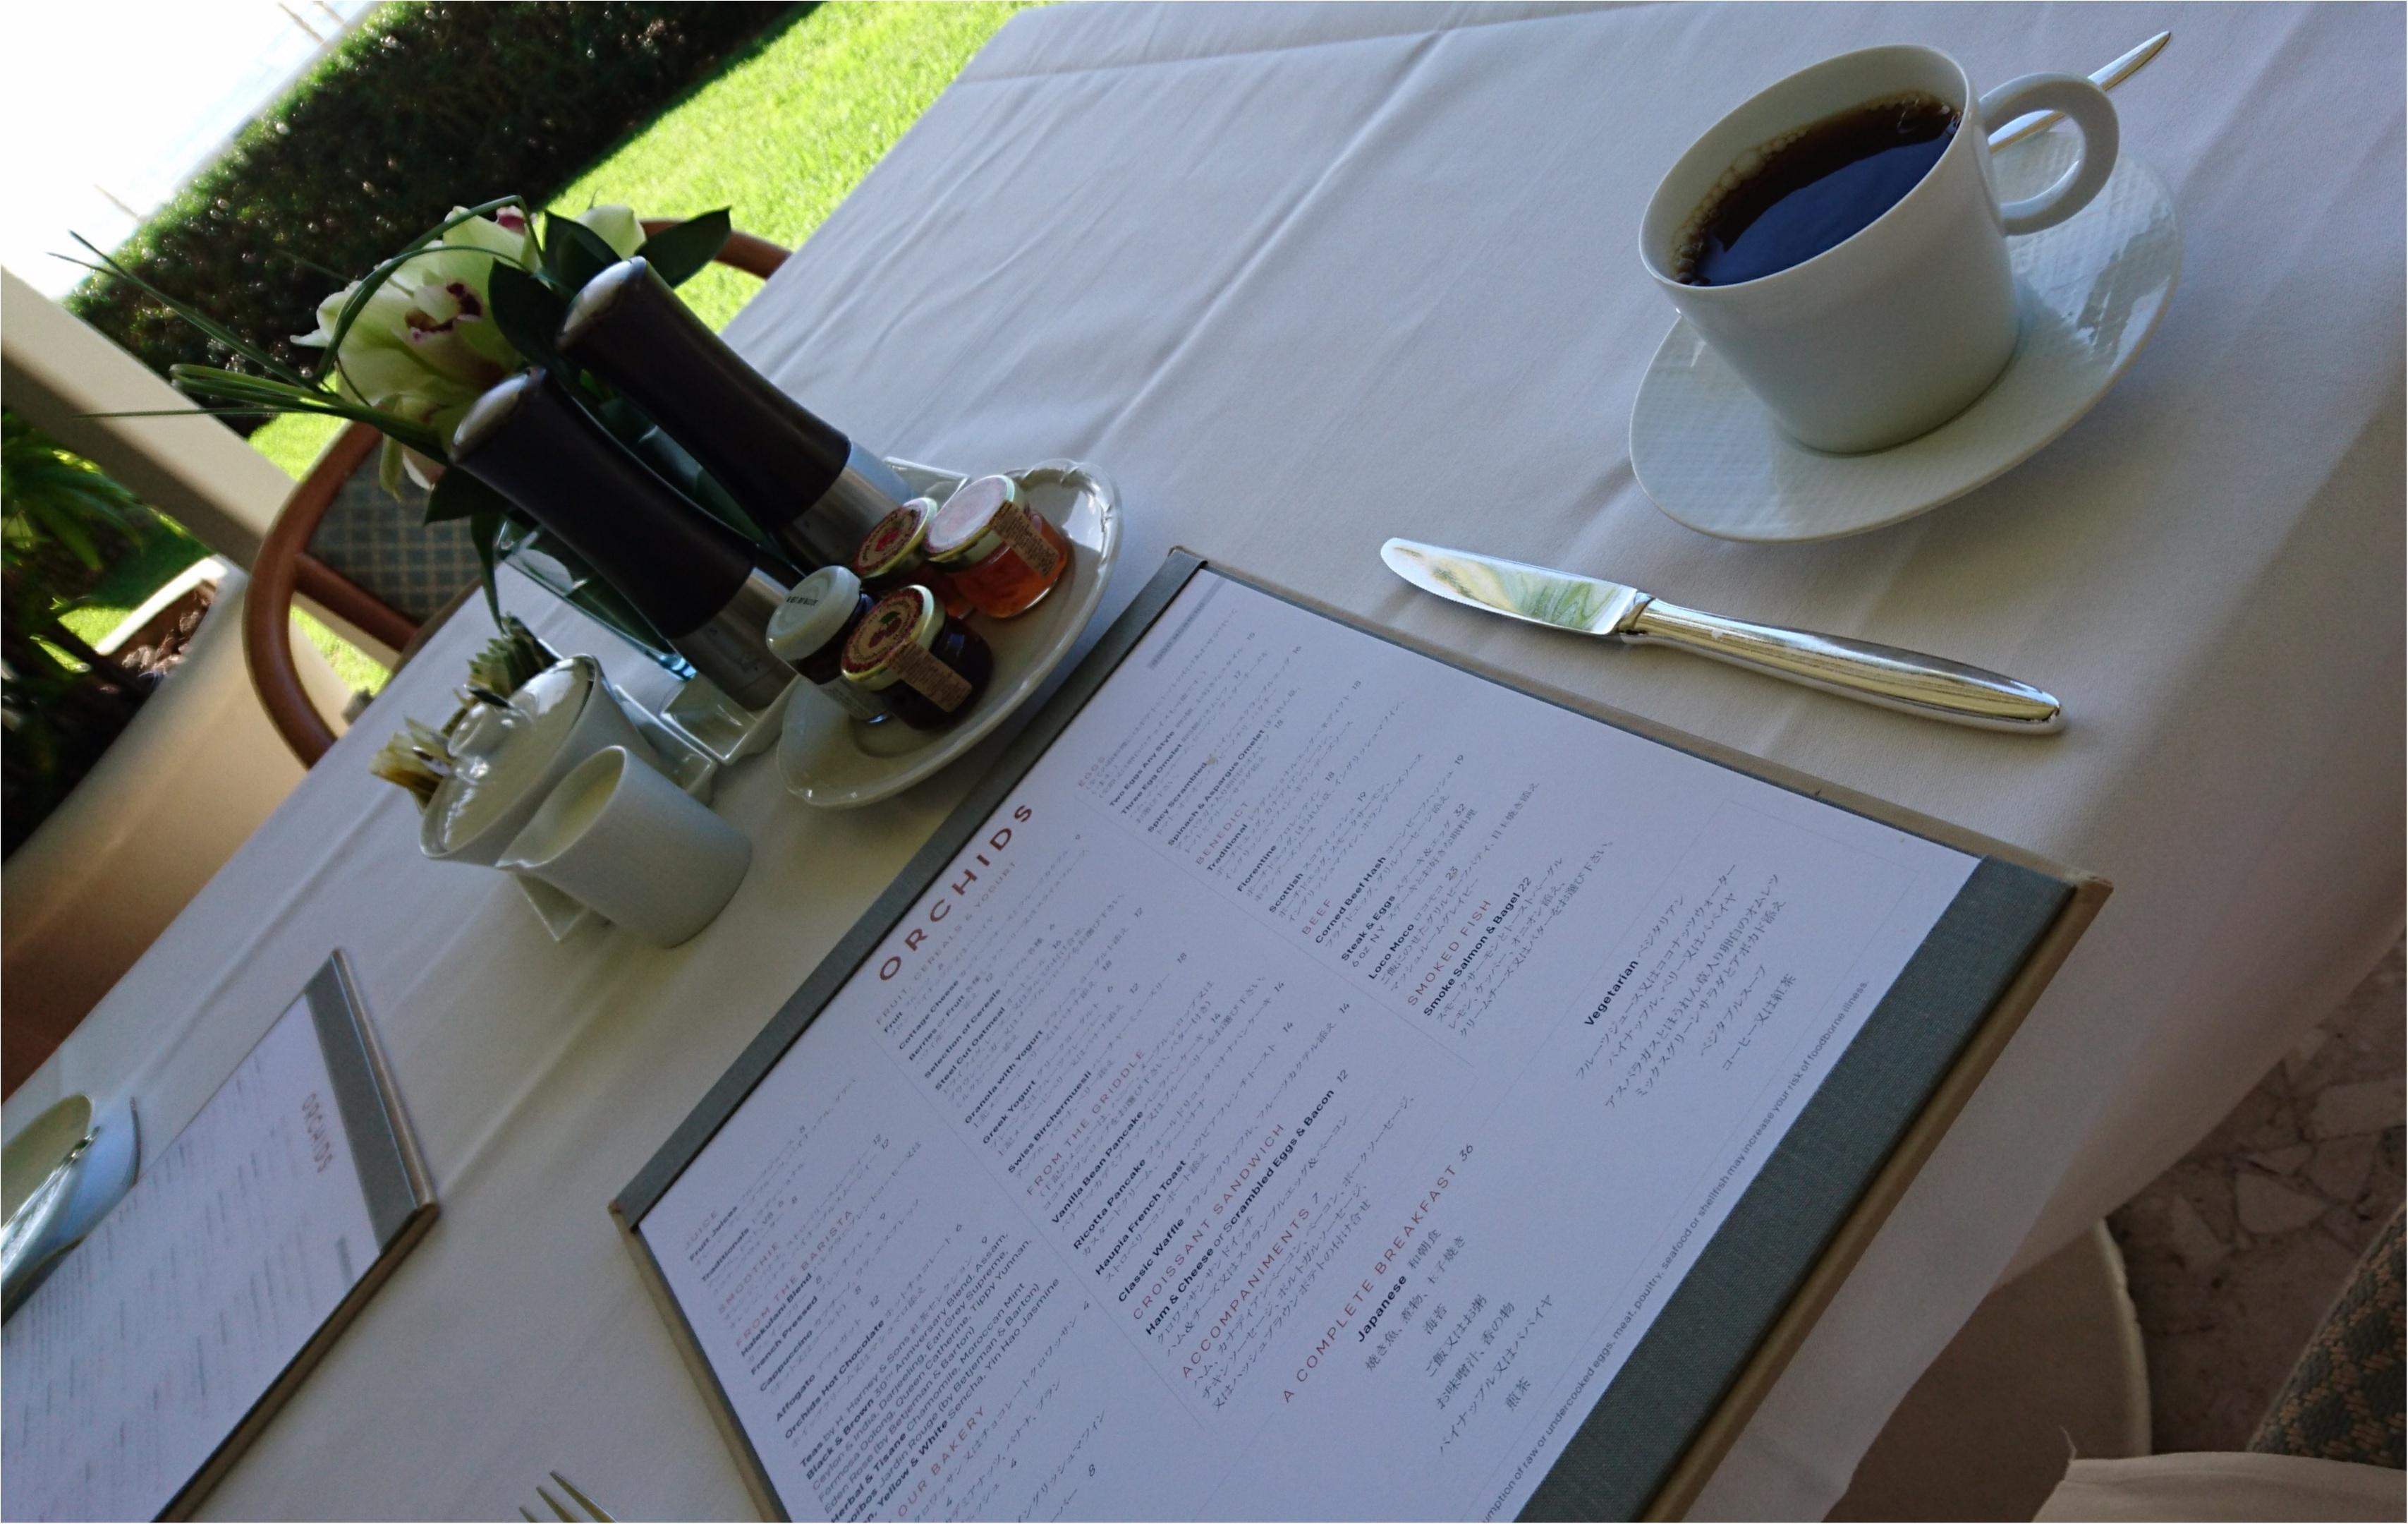 【trip】ホノルルで絶対おすすめの朝食♡最高のホテルで最高の朝食を(〃ω〃)_1